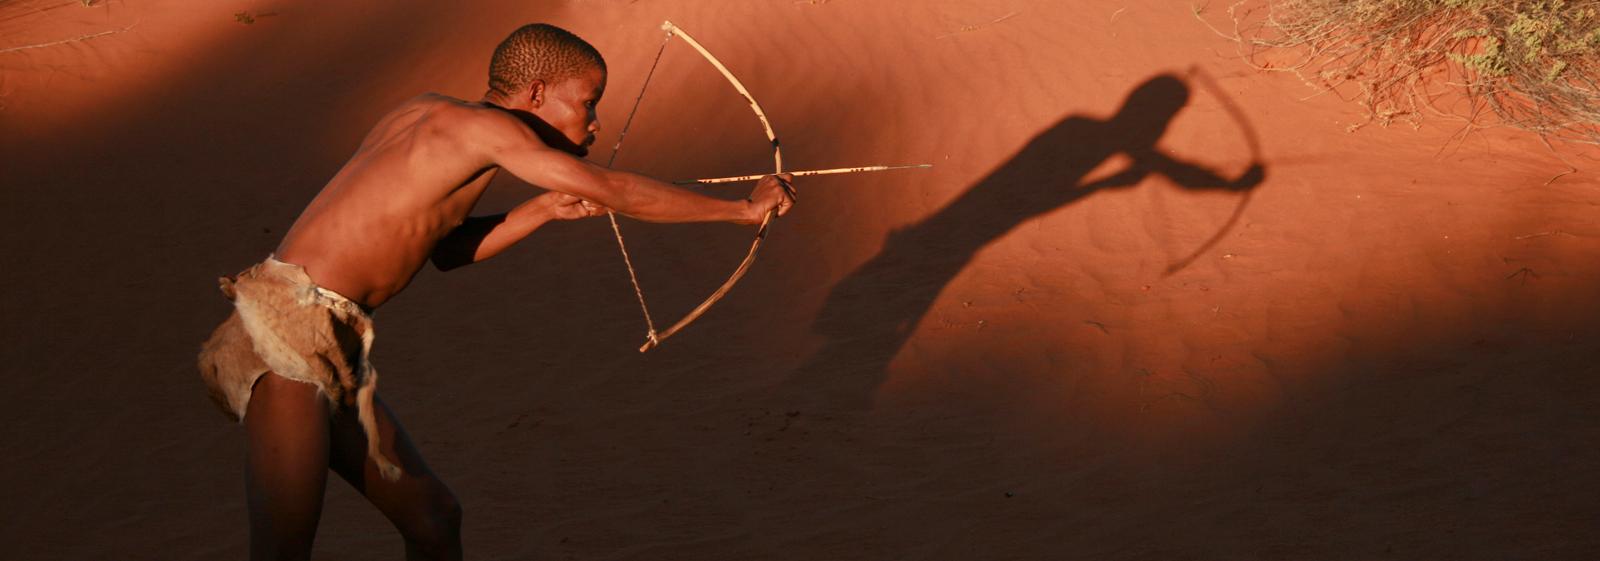 bushman-hunting